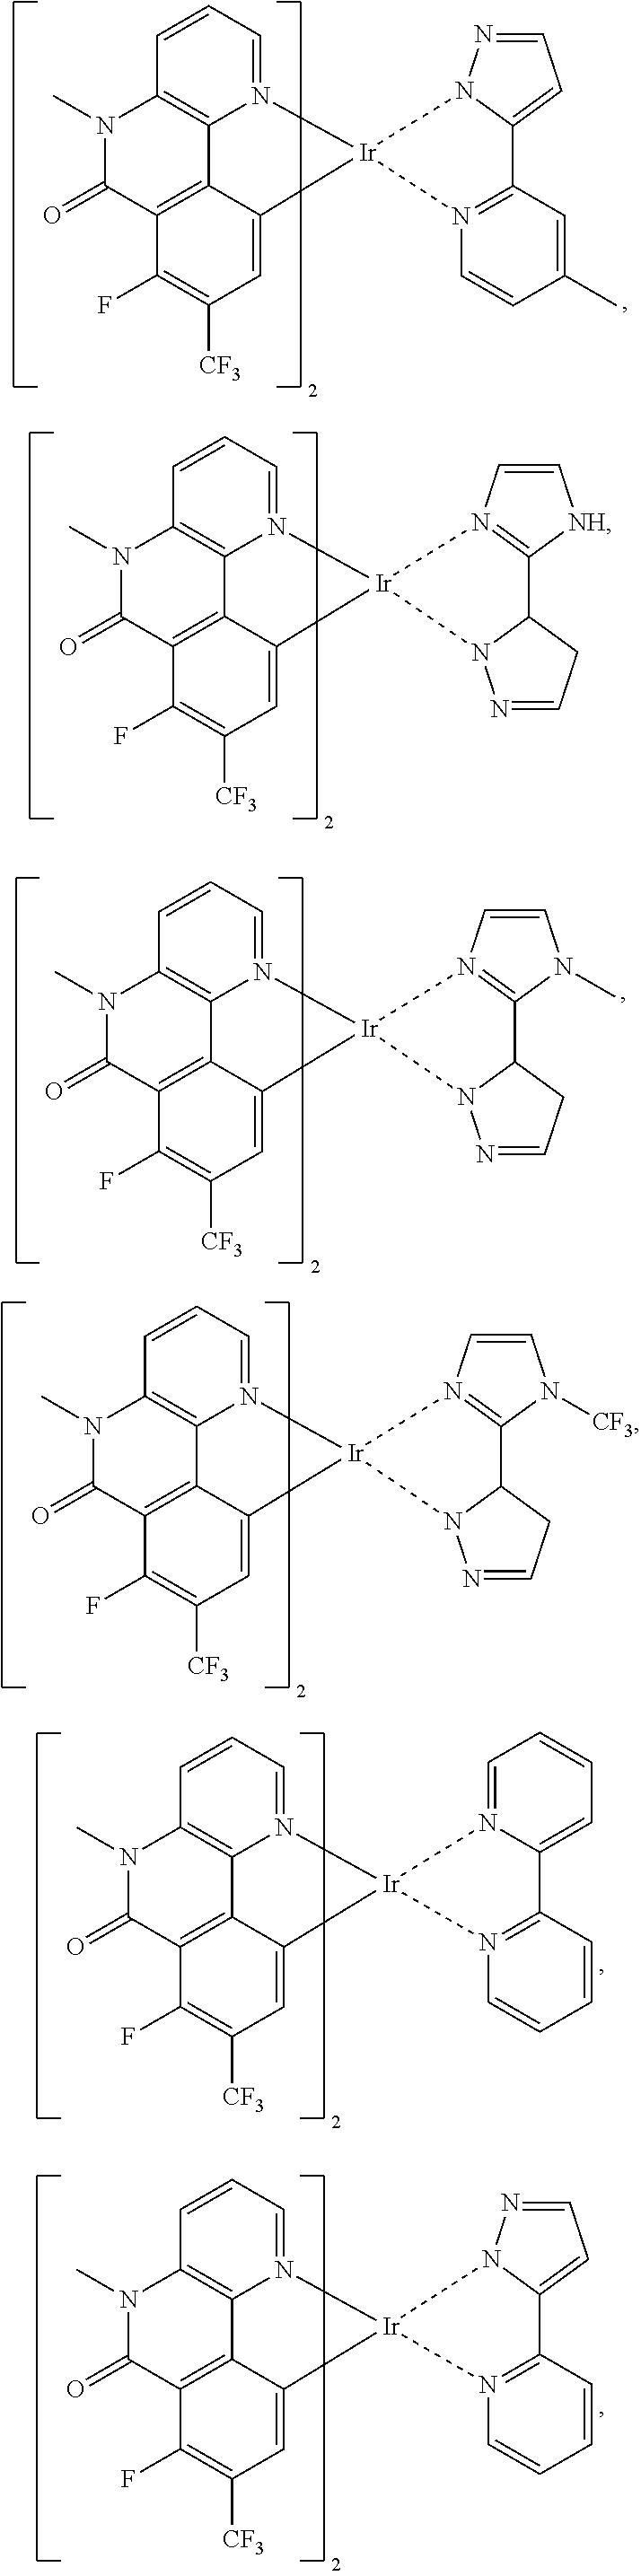 Figure US09634266-20170425-C00016